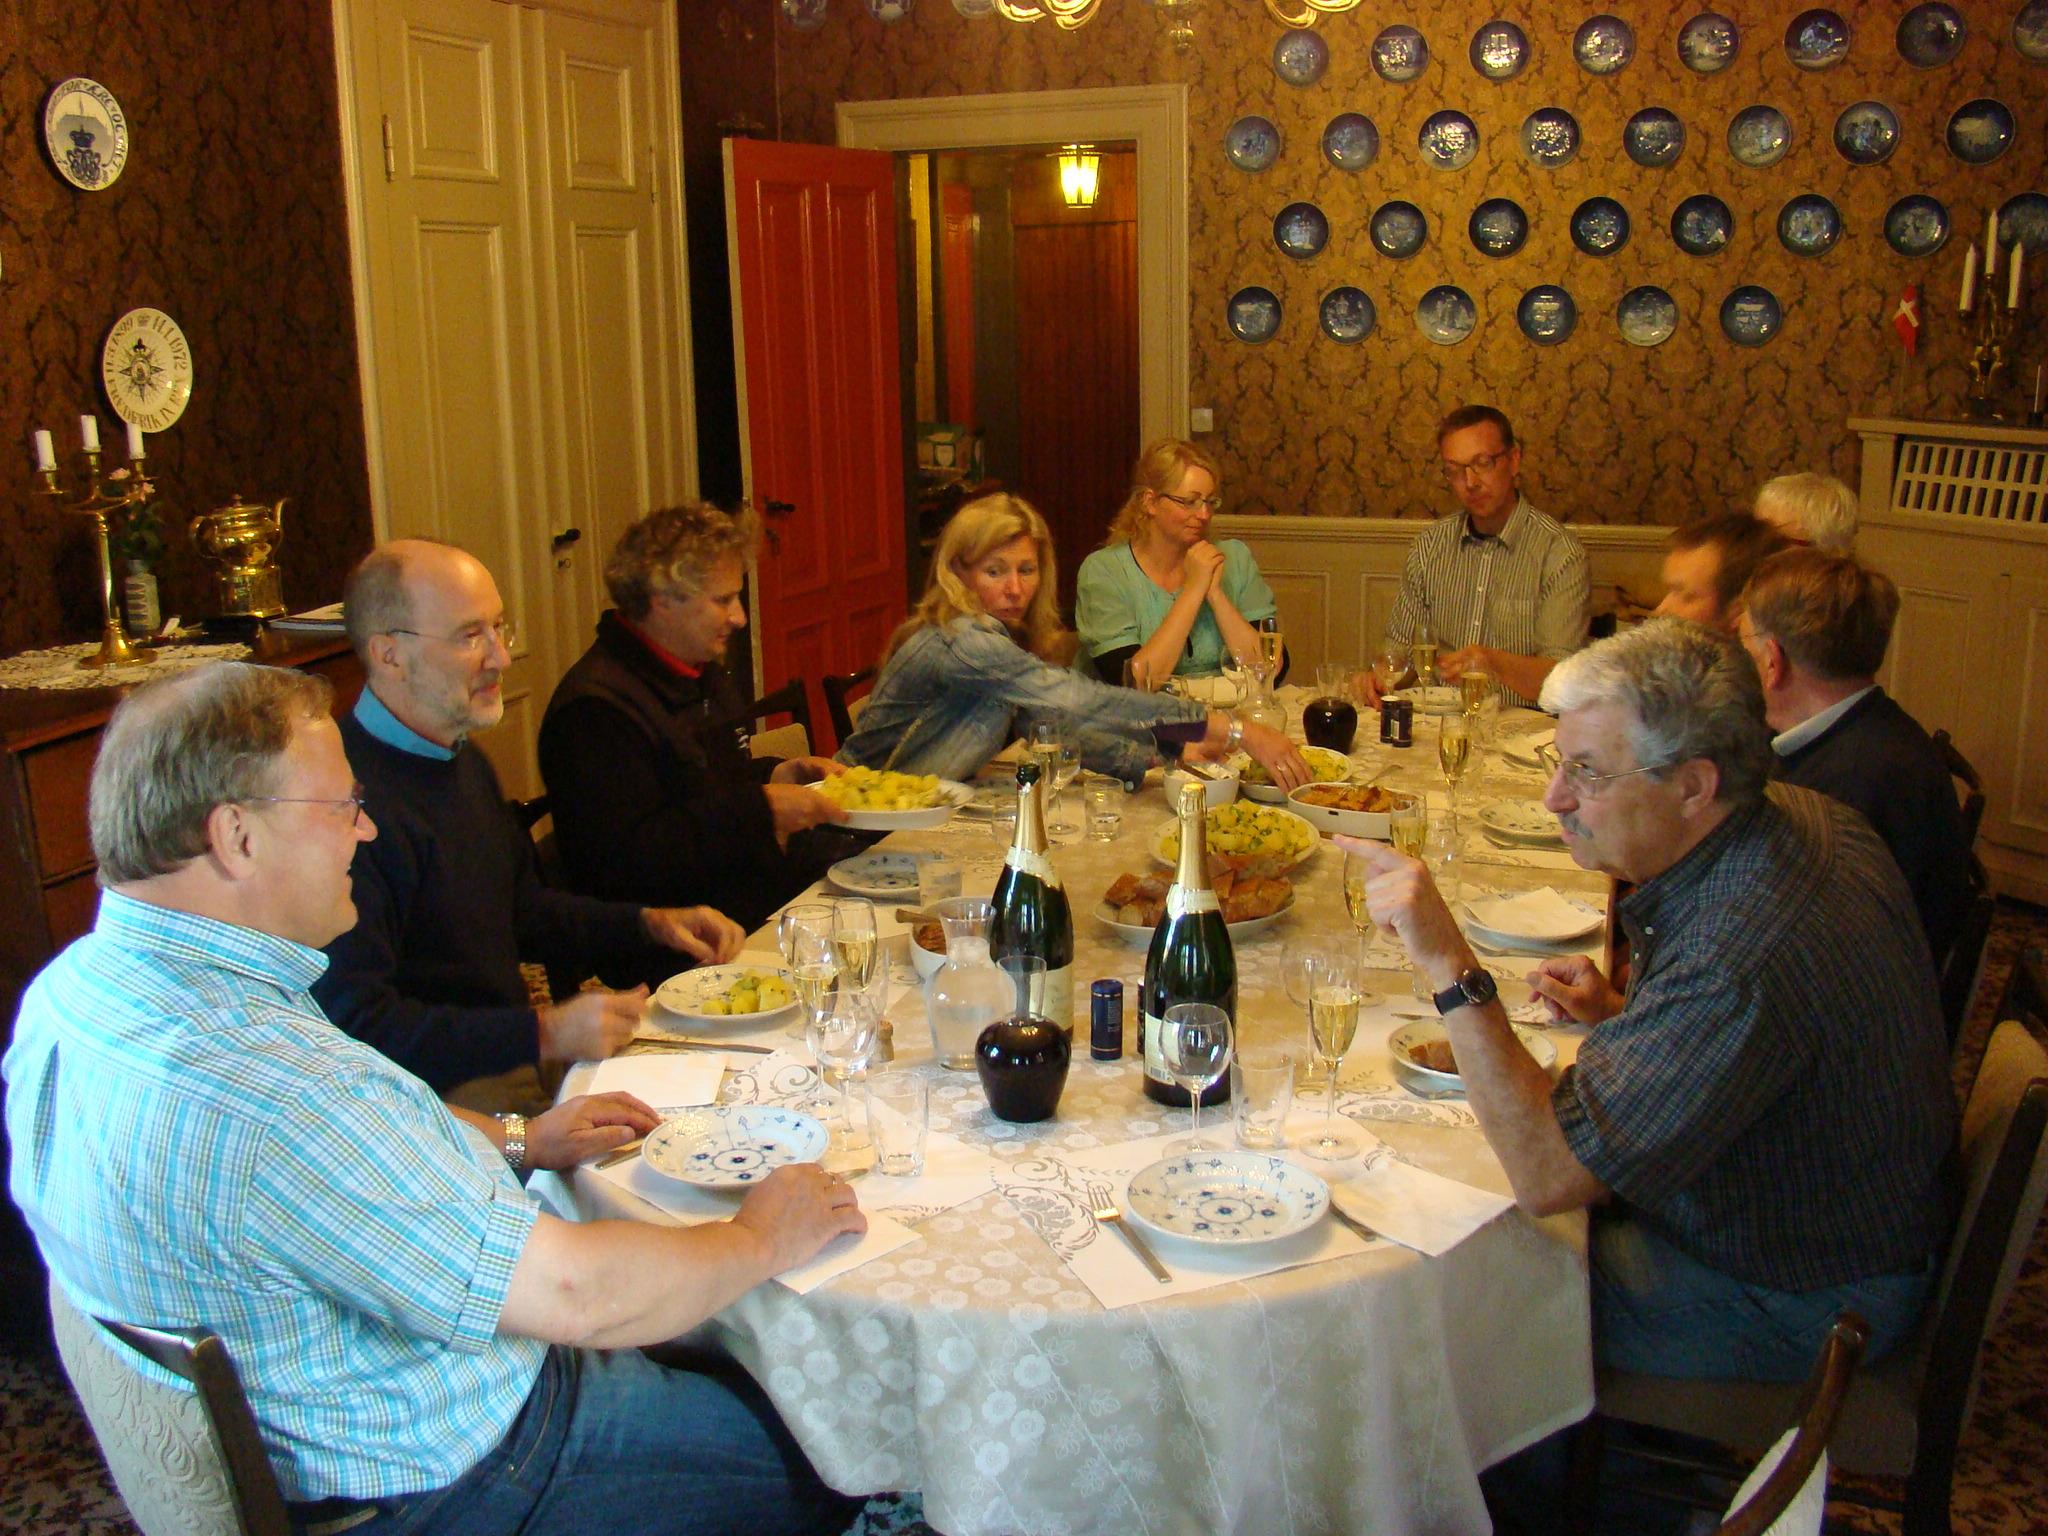 Dinner at Hotel Krogen